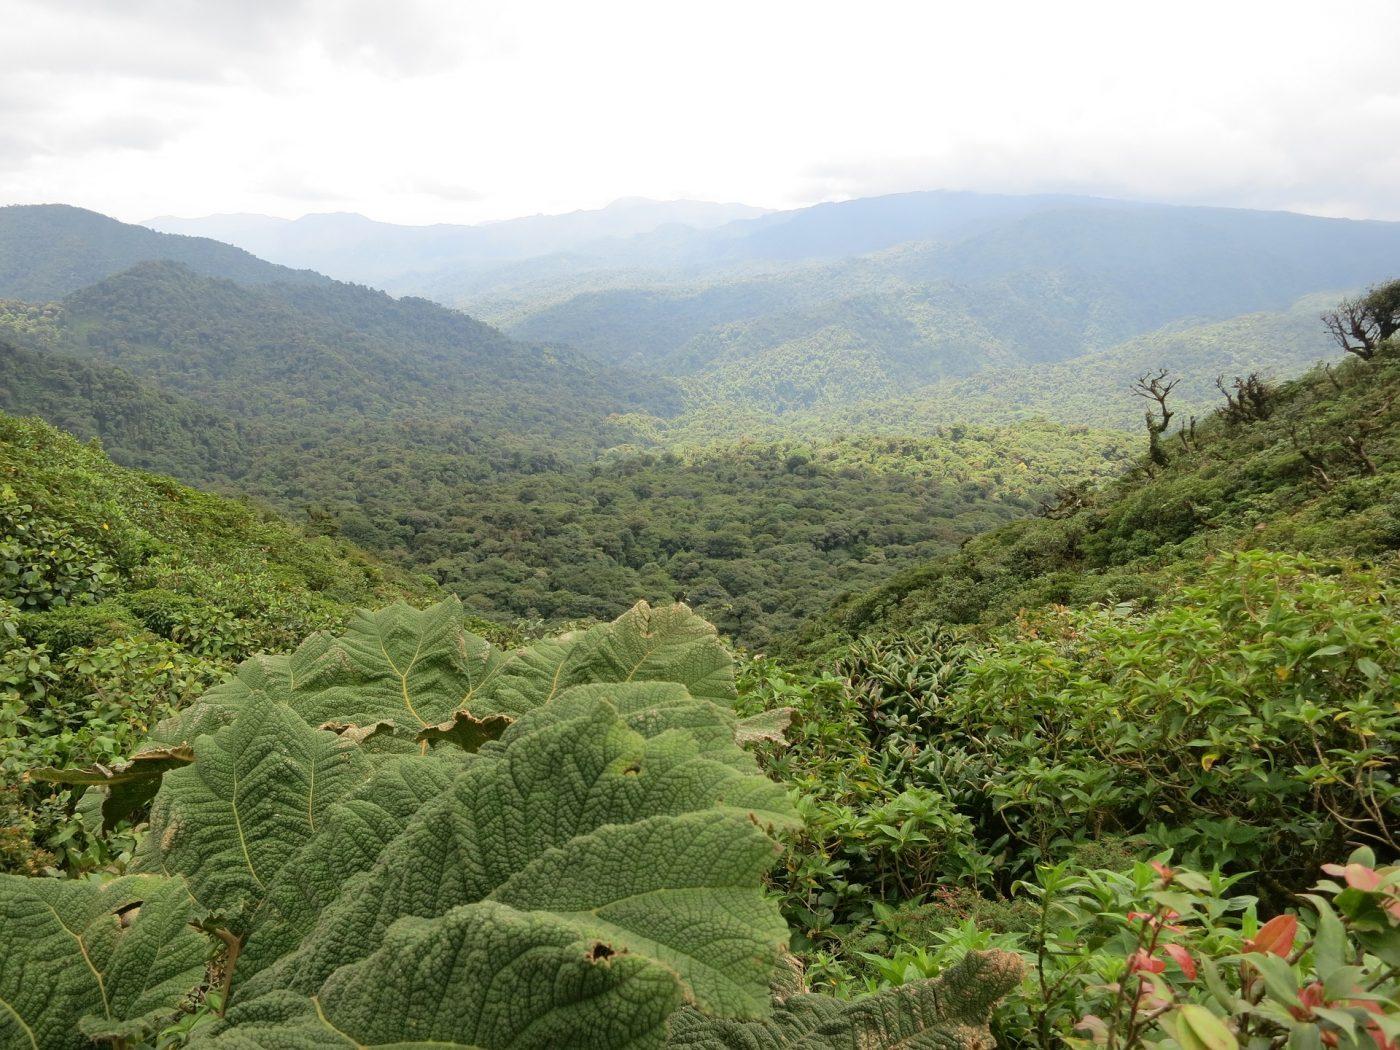 Monteverde Cloud Forest: A sea of green in Monteverde